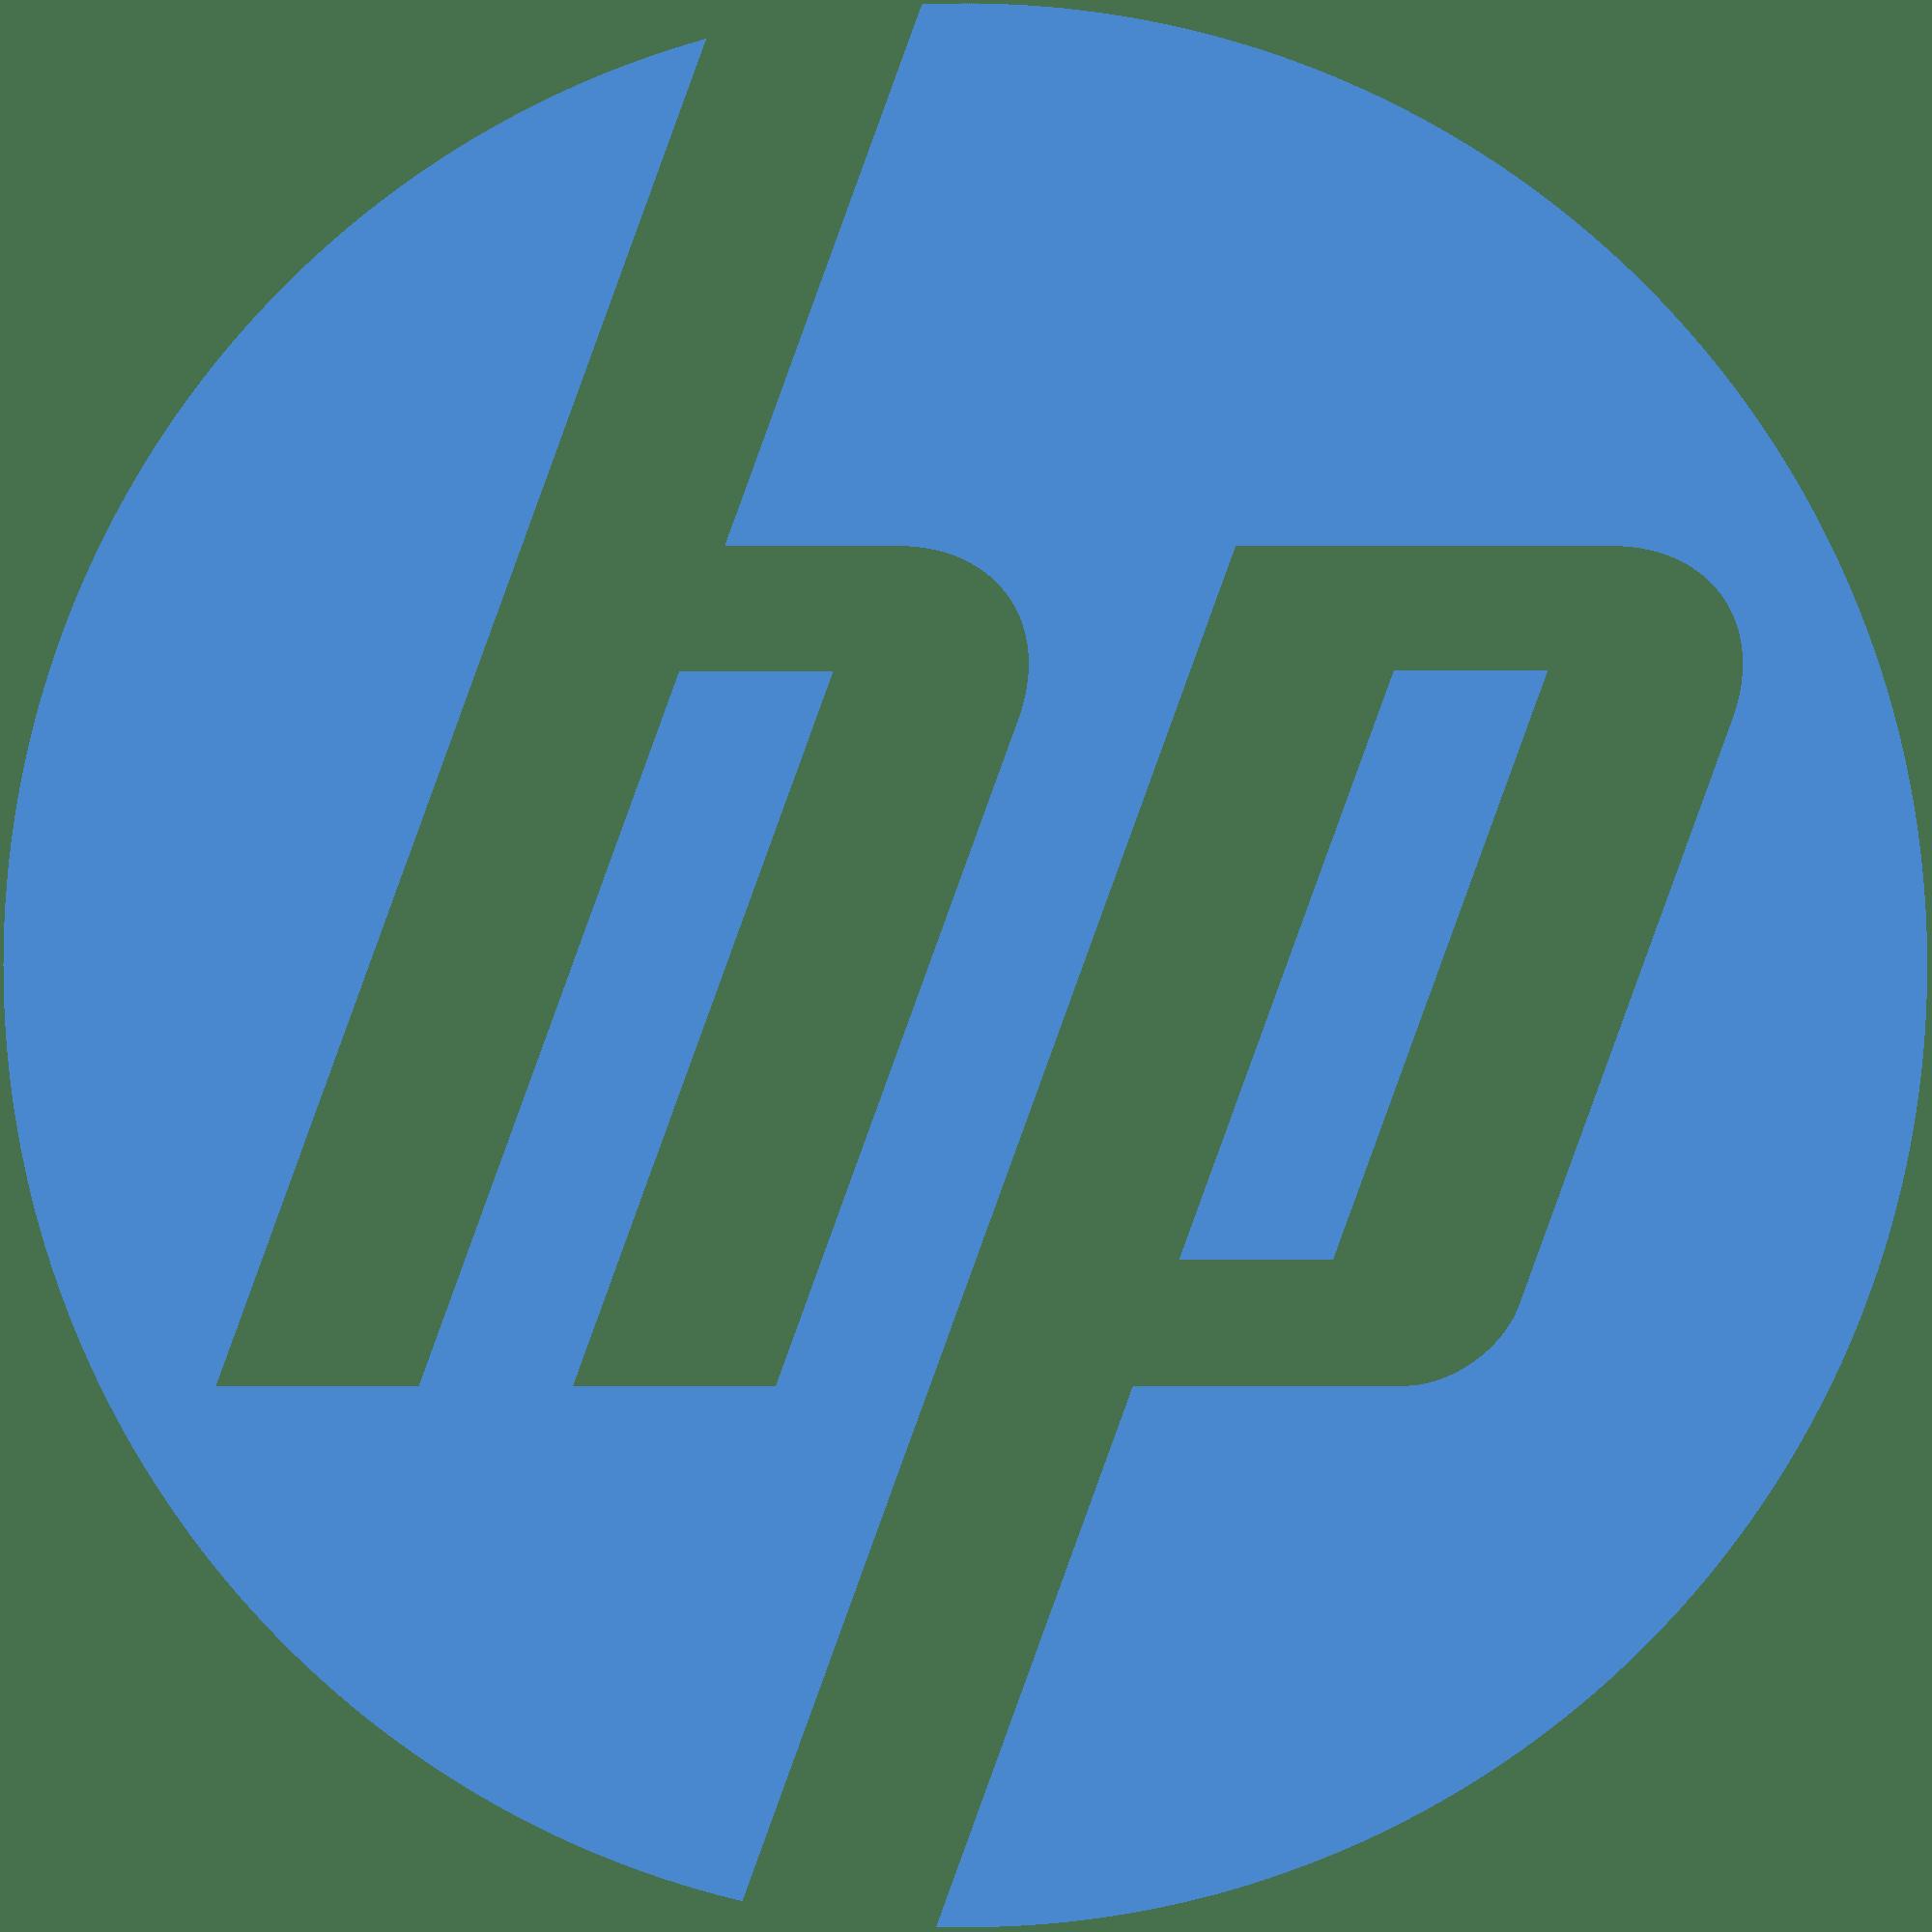 HP LaserJet Pro 400 MFP M425dw drivers